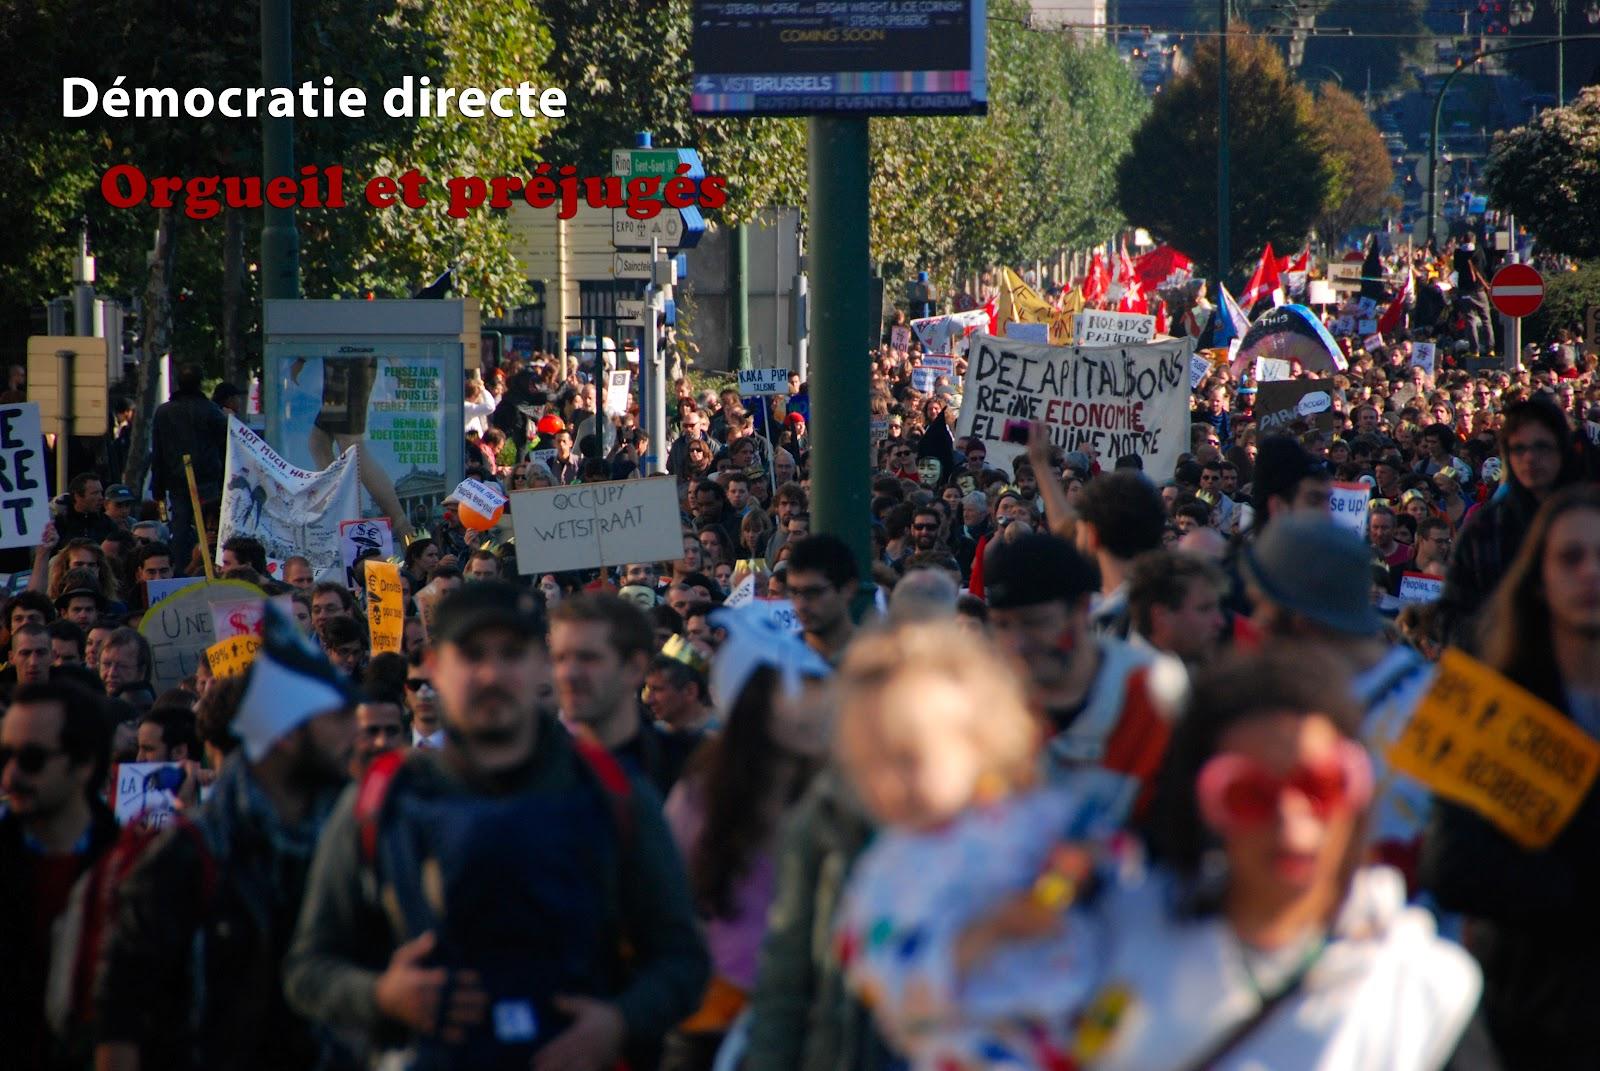 Citaten Democratie Directe : Démocratie directe orgueil et préjugés le webdoc